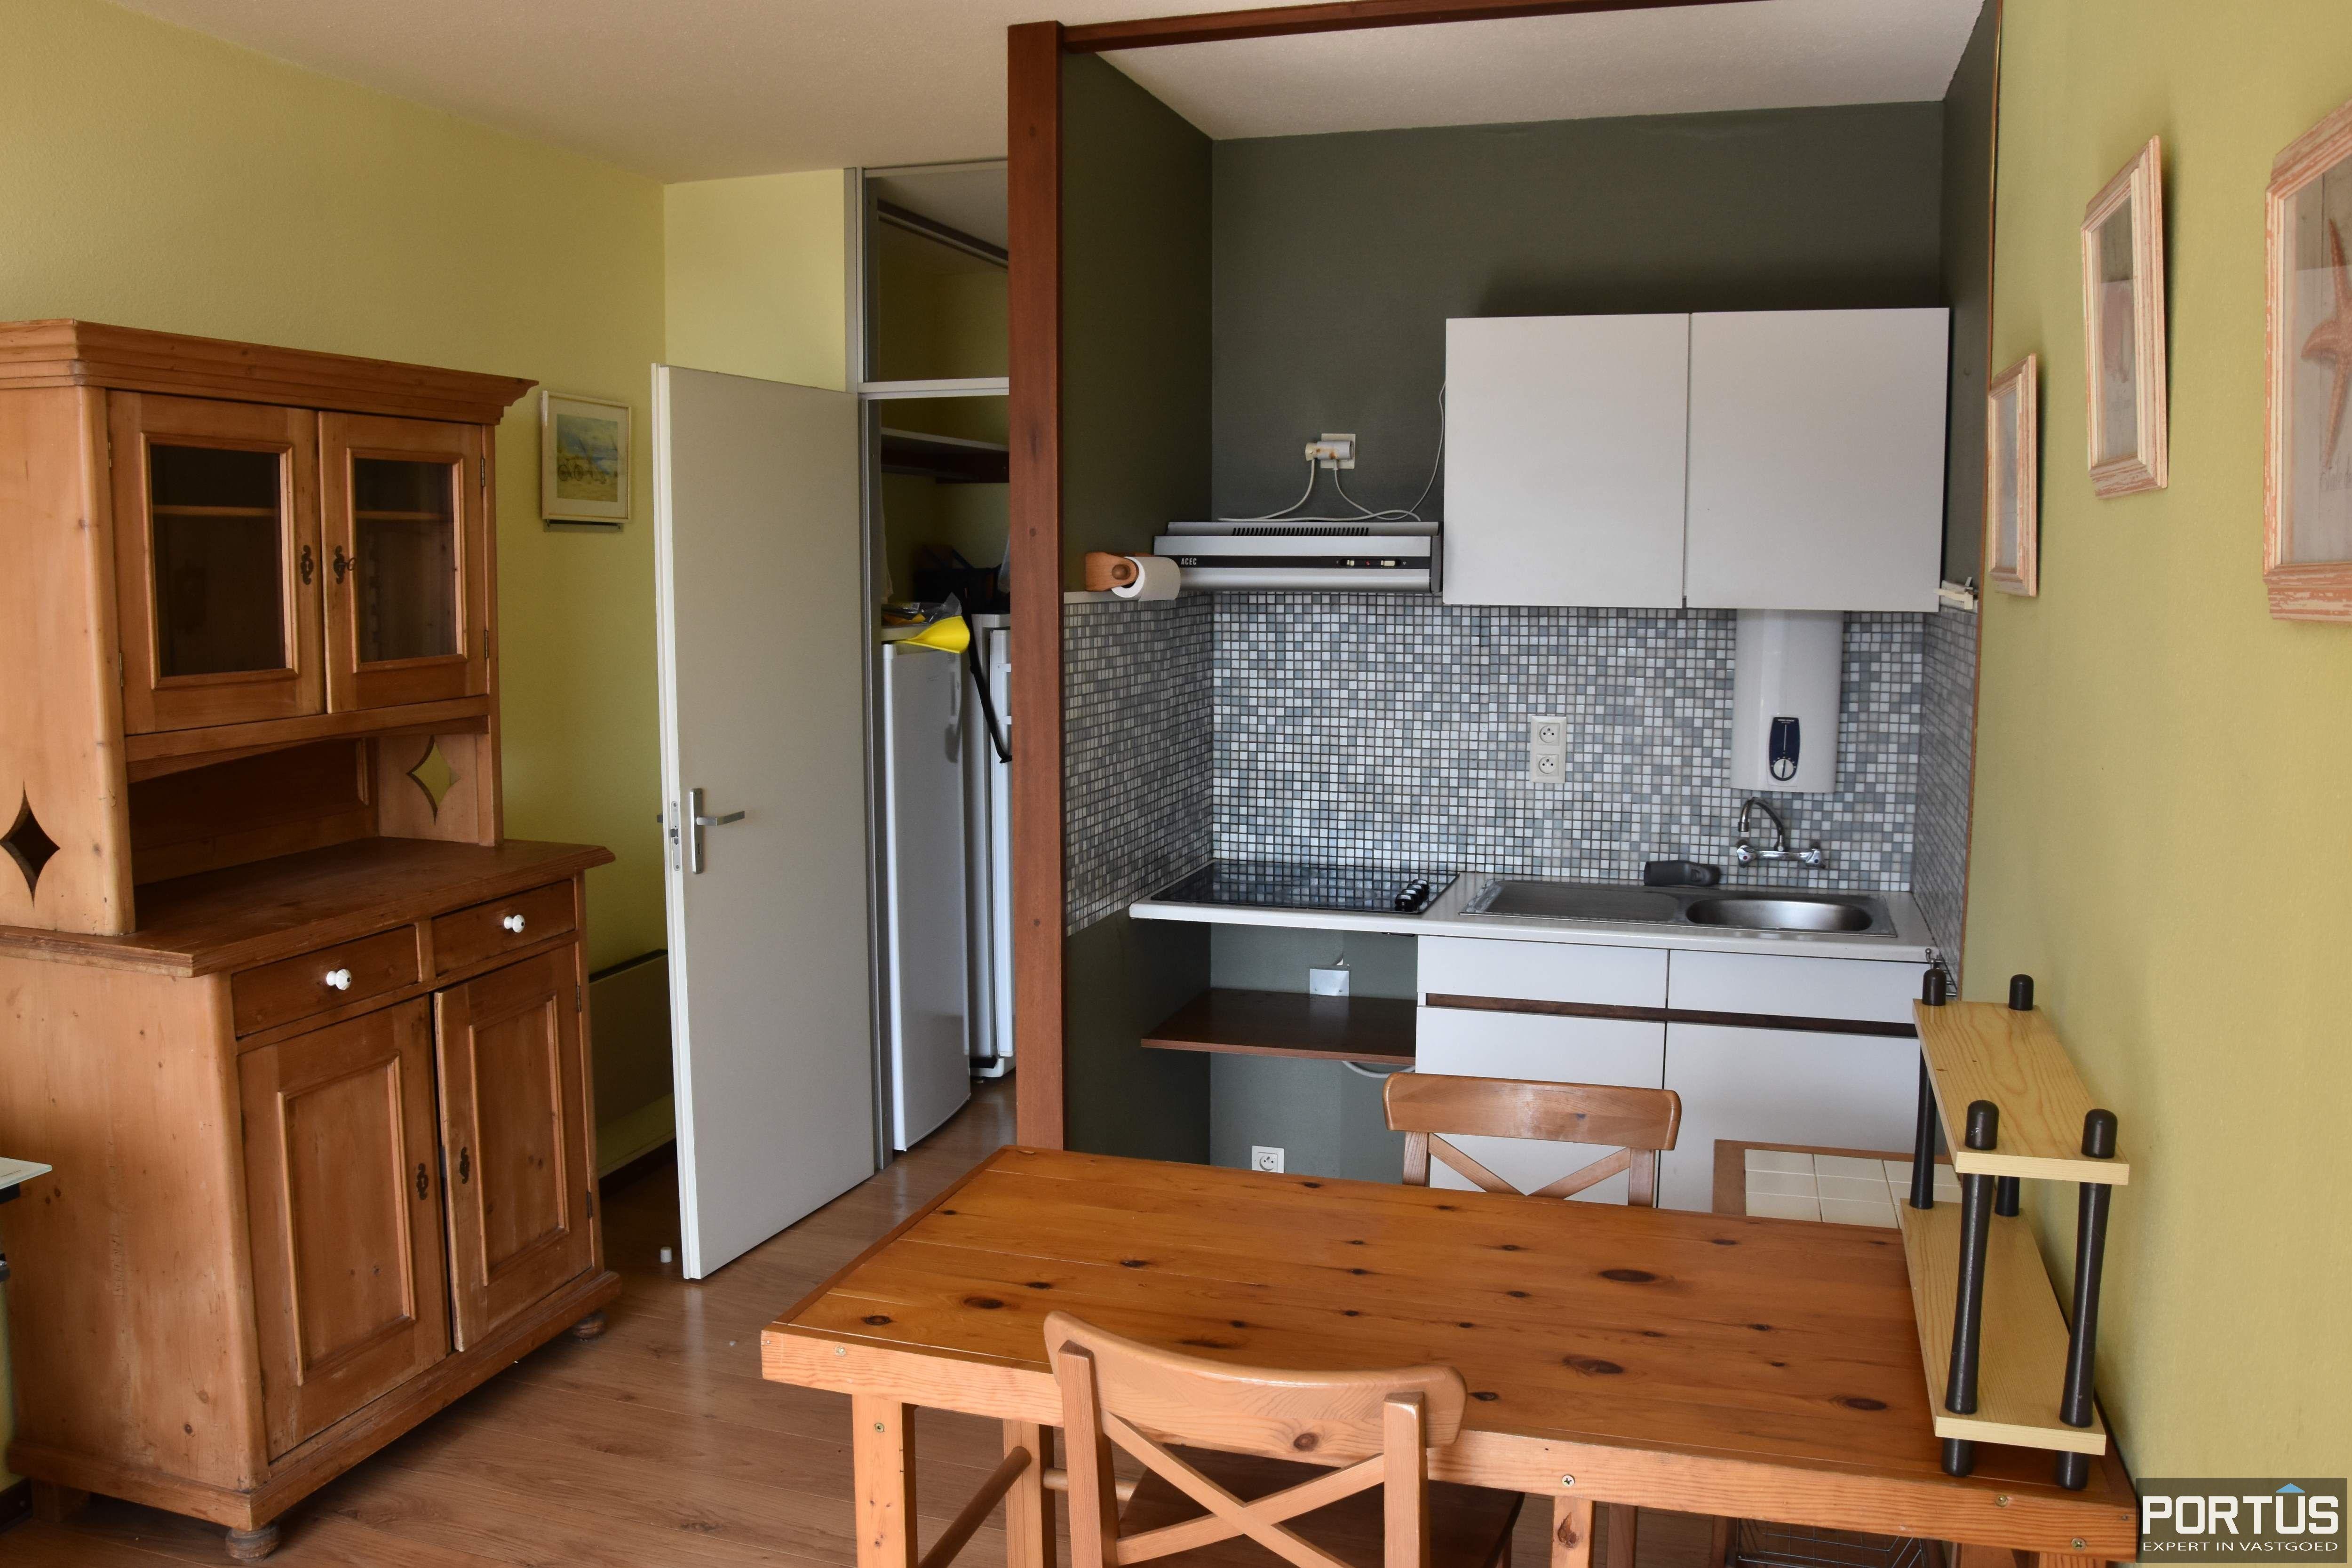 Appartement met staanplaats en berging te huur Nieuwpoort